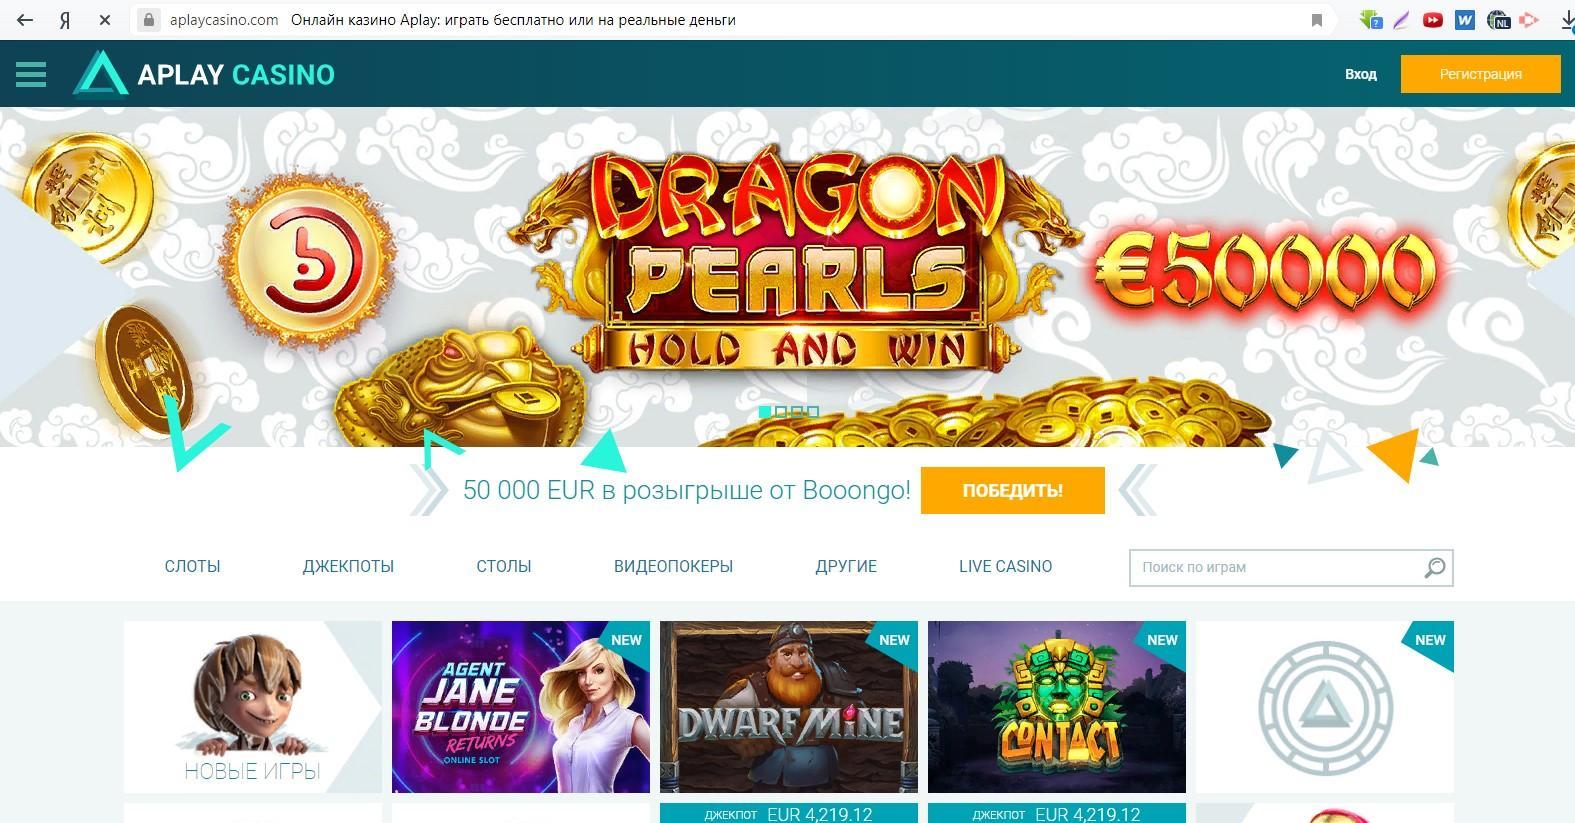 Главная страница казино